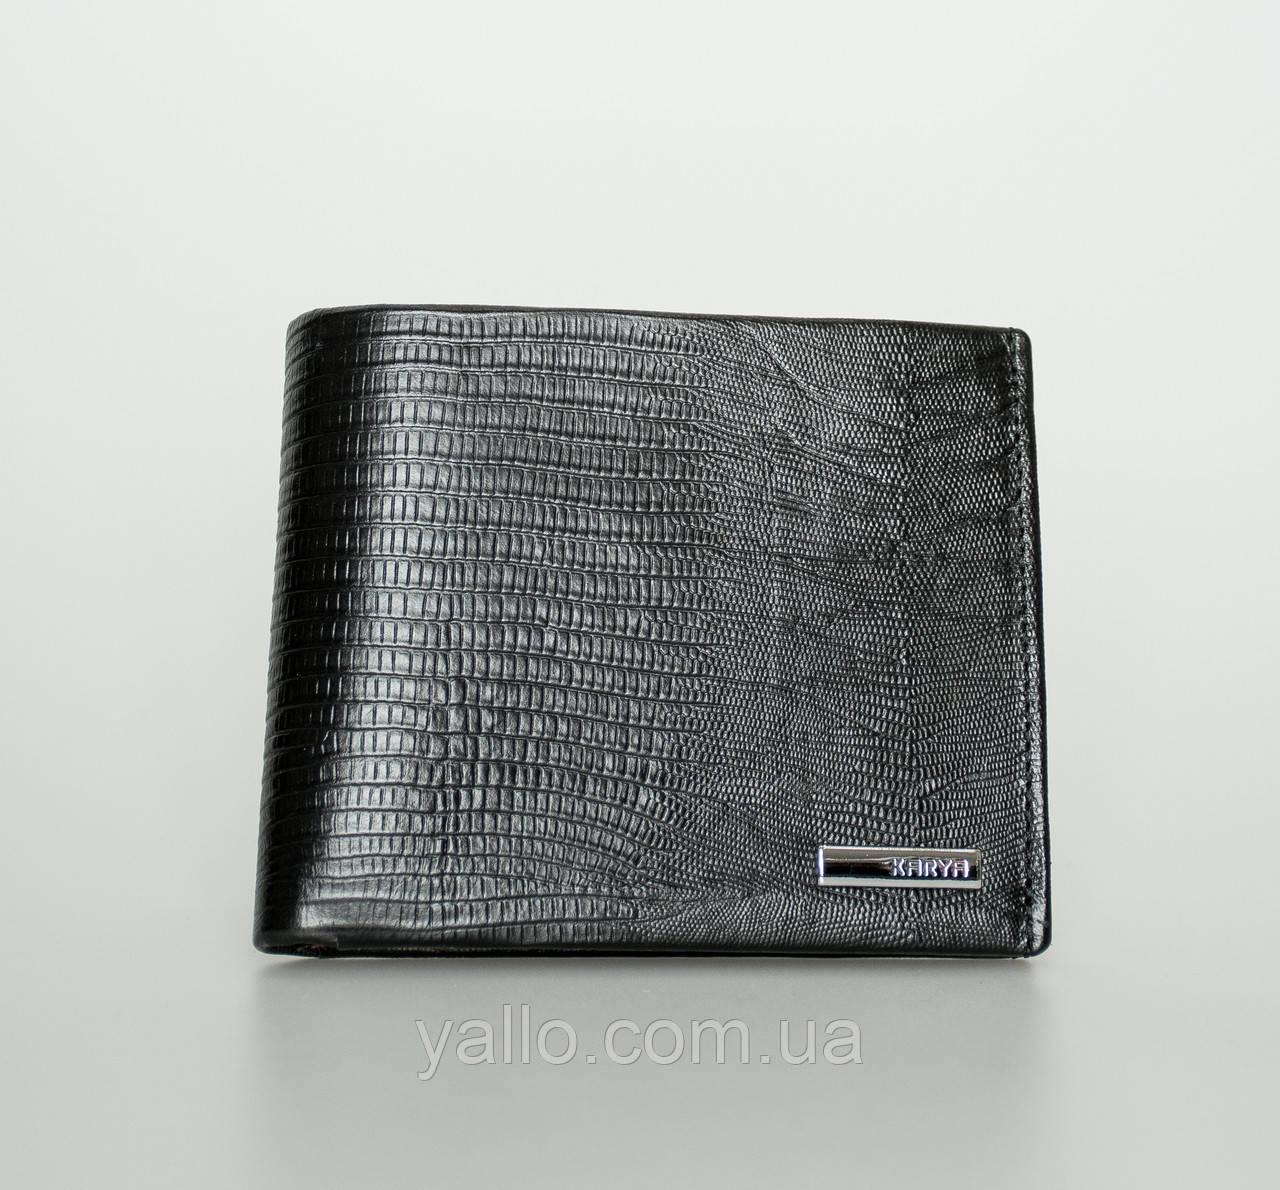 Мужской кошелёк из Натуральной Кожи, KARYA 0945-076